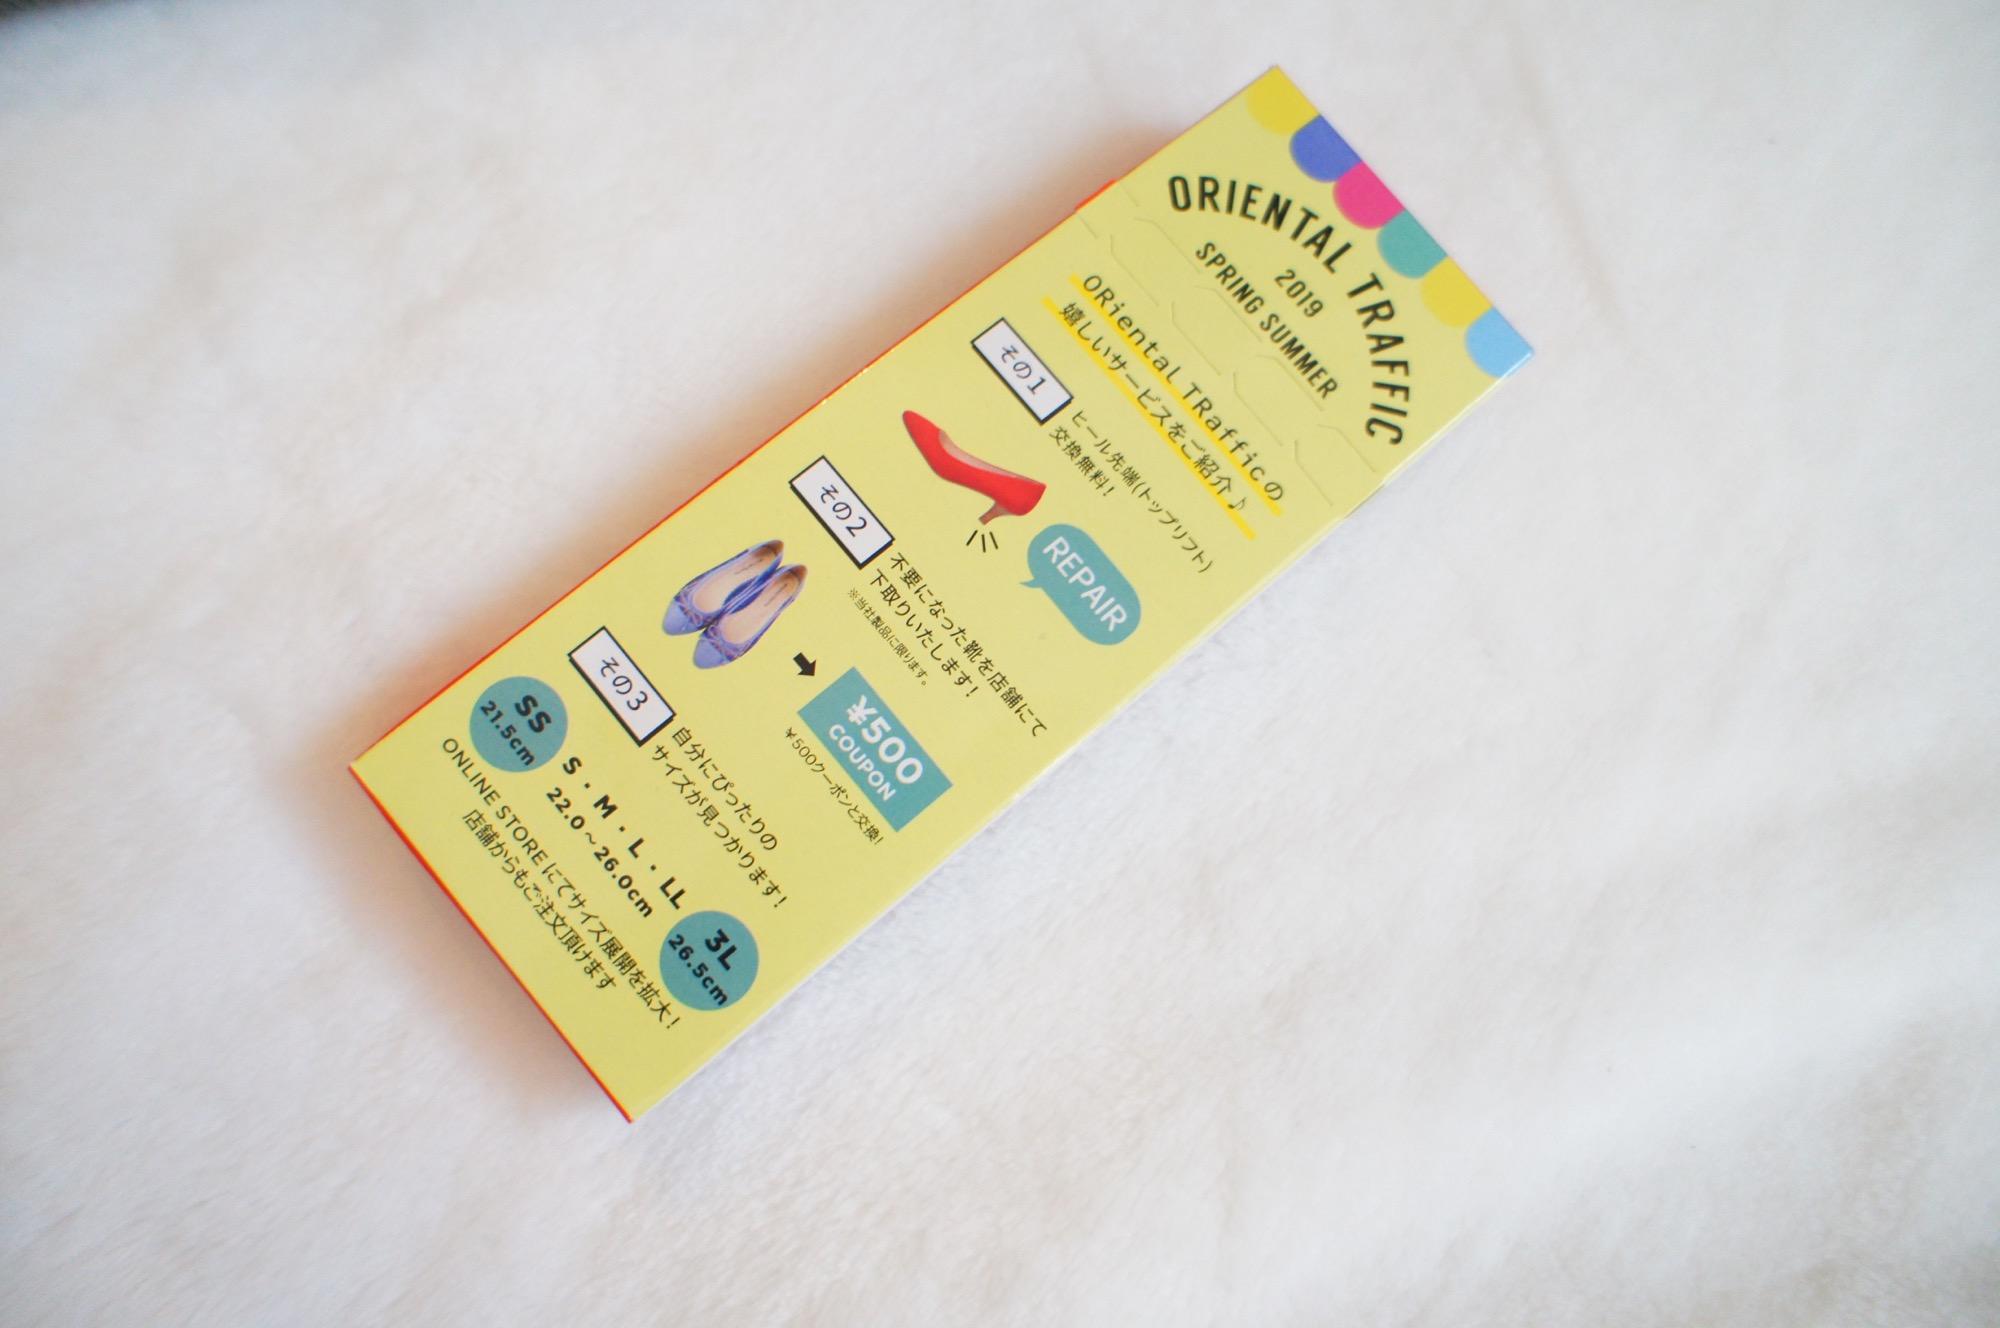 《◯◯で¥500オフ❤️》【ORiental TRaffic】でおトクに買い物できる方法☝︎❤︎_2